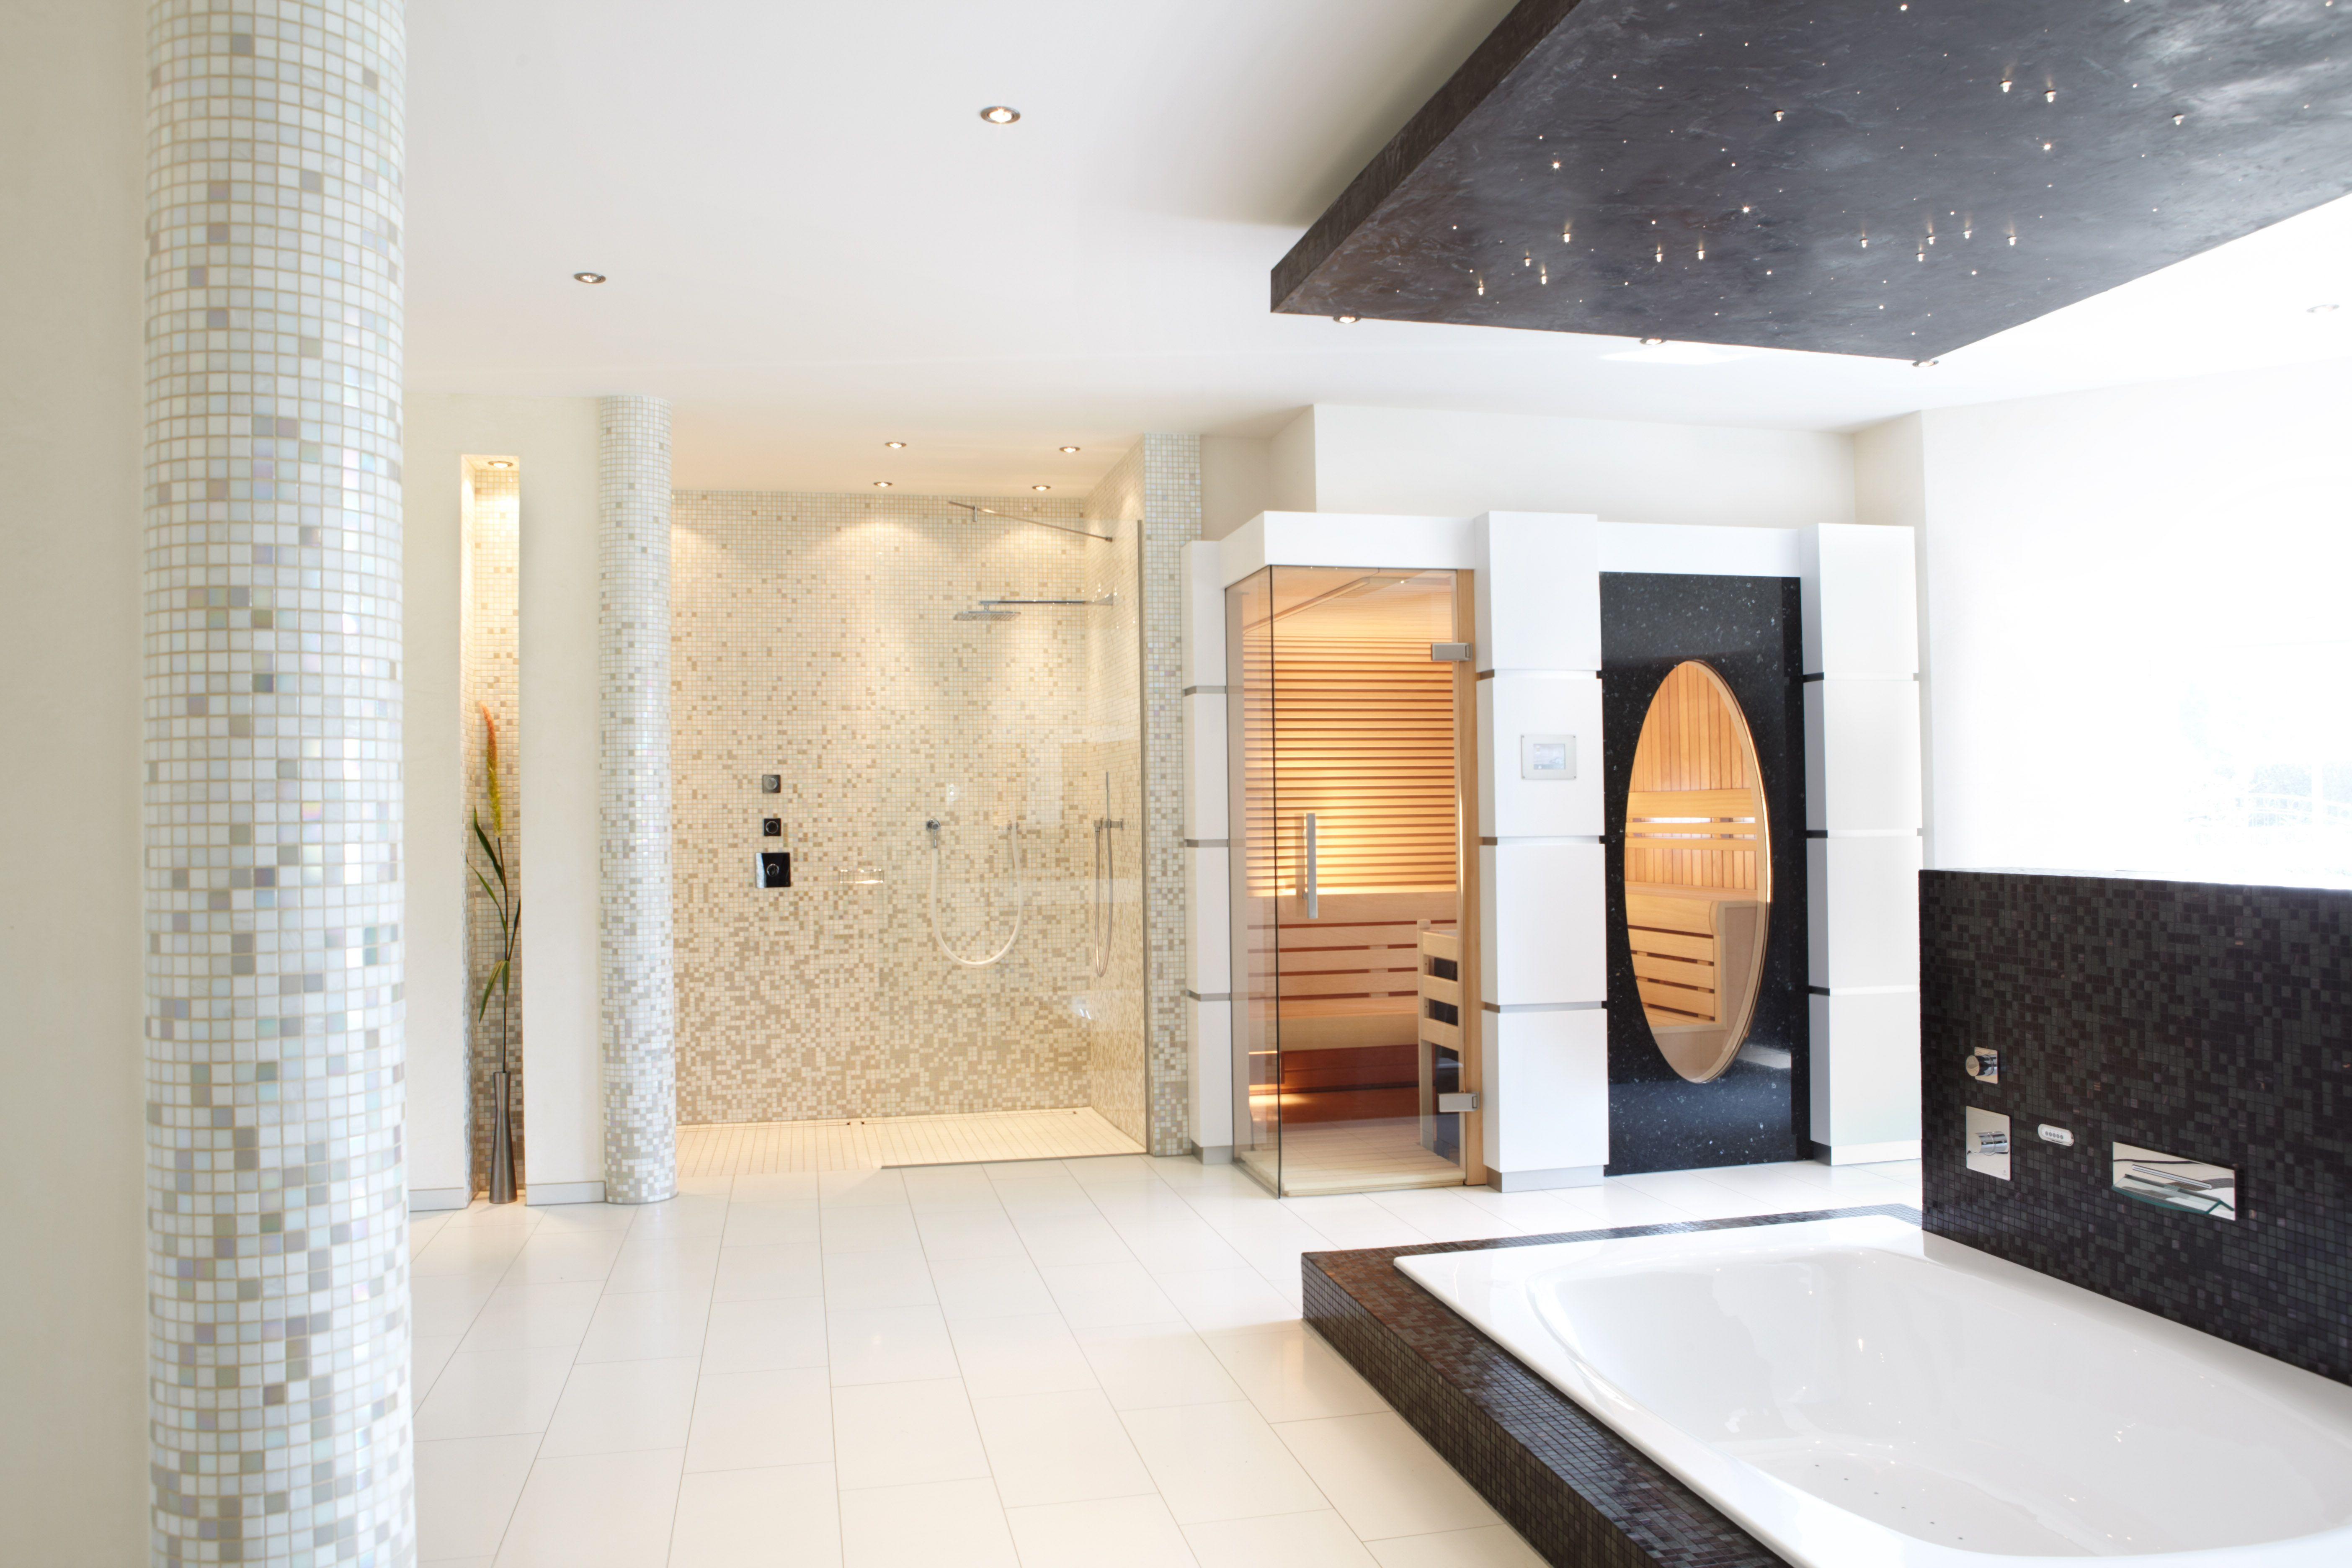 GroB Große Offene Dusche Und Moderne Sauna #wellness #glas #sauna #modern  #erdmannsauna #erdmannexklusivesaunen #erdmann #sauna